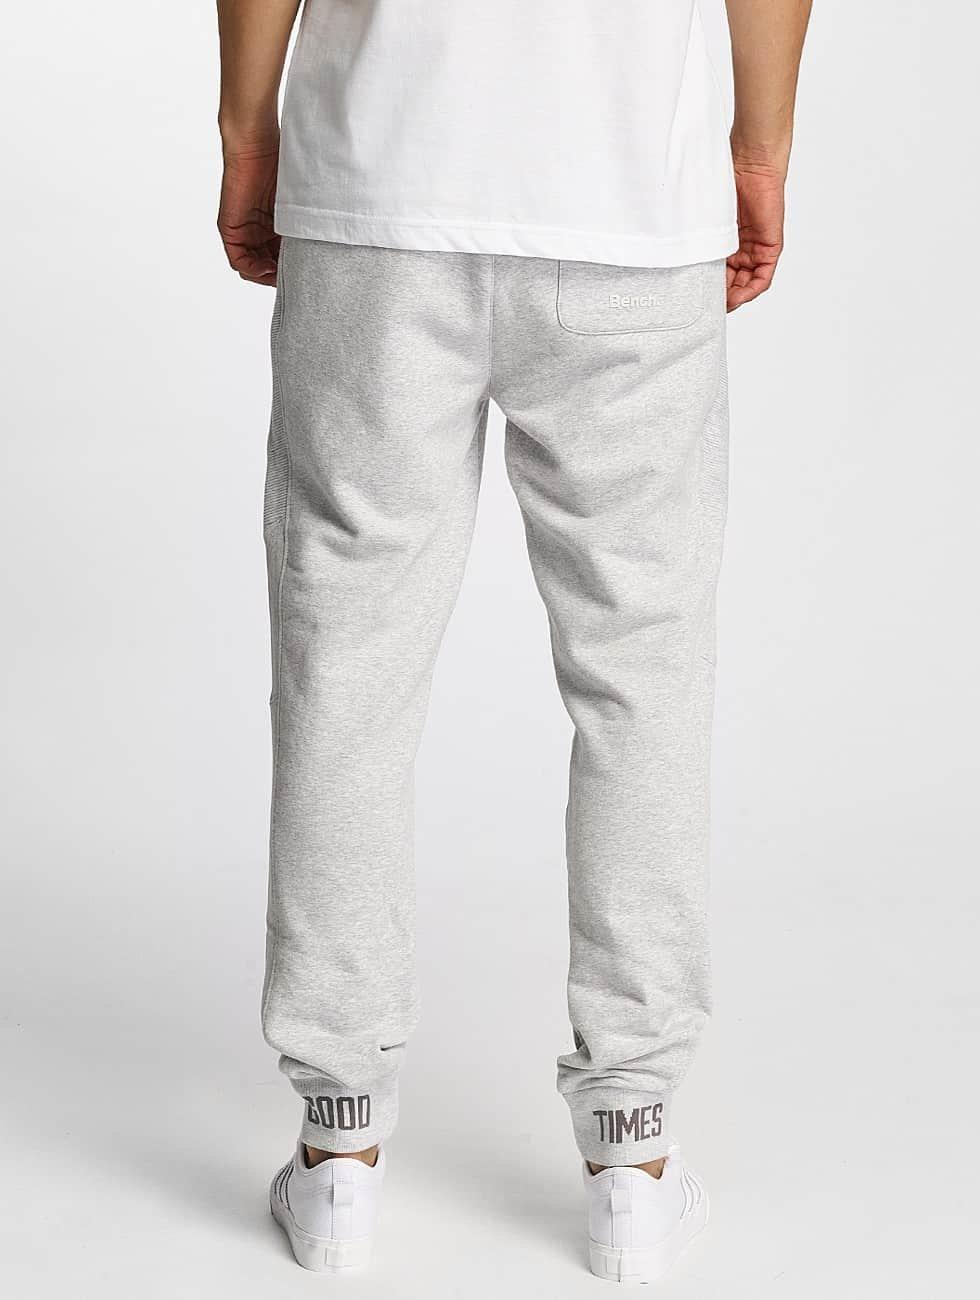 Bench Pantalón deportivo Comination gris